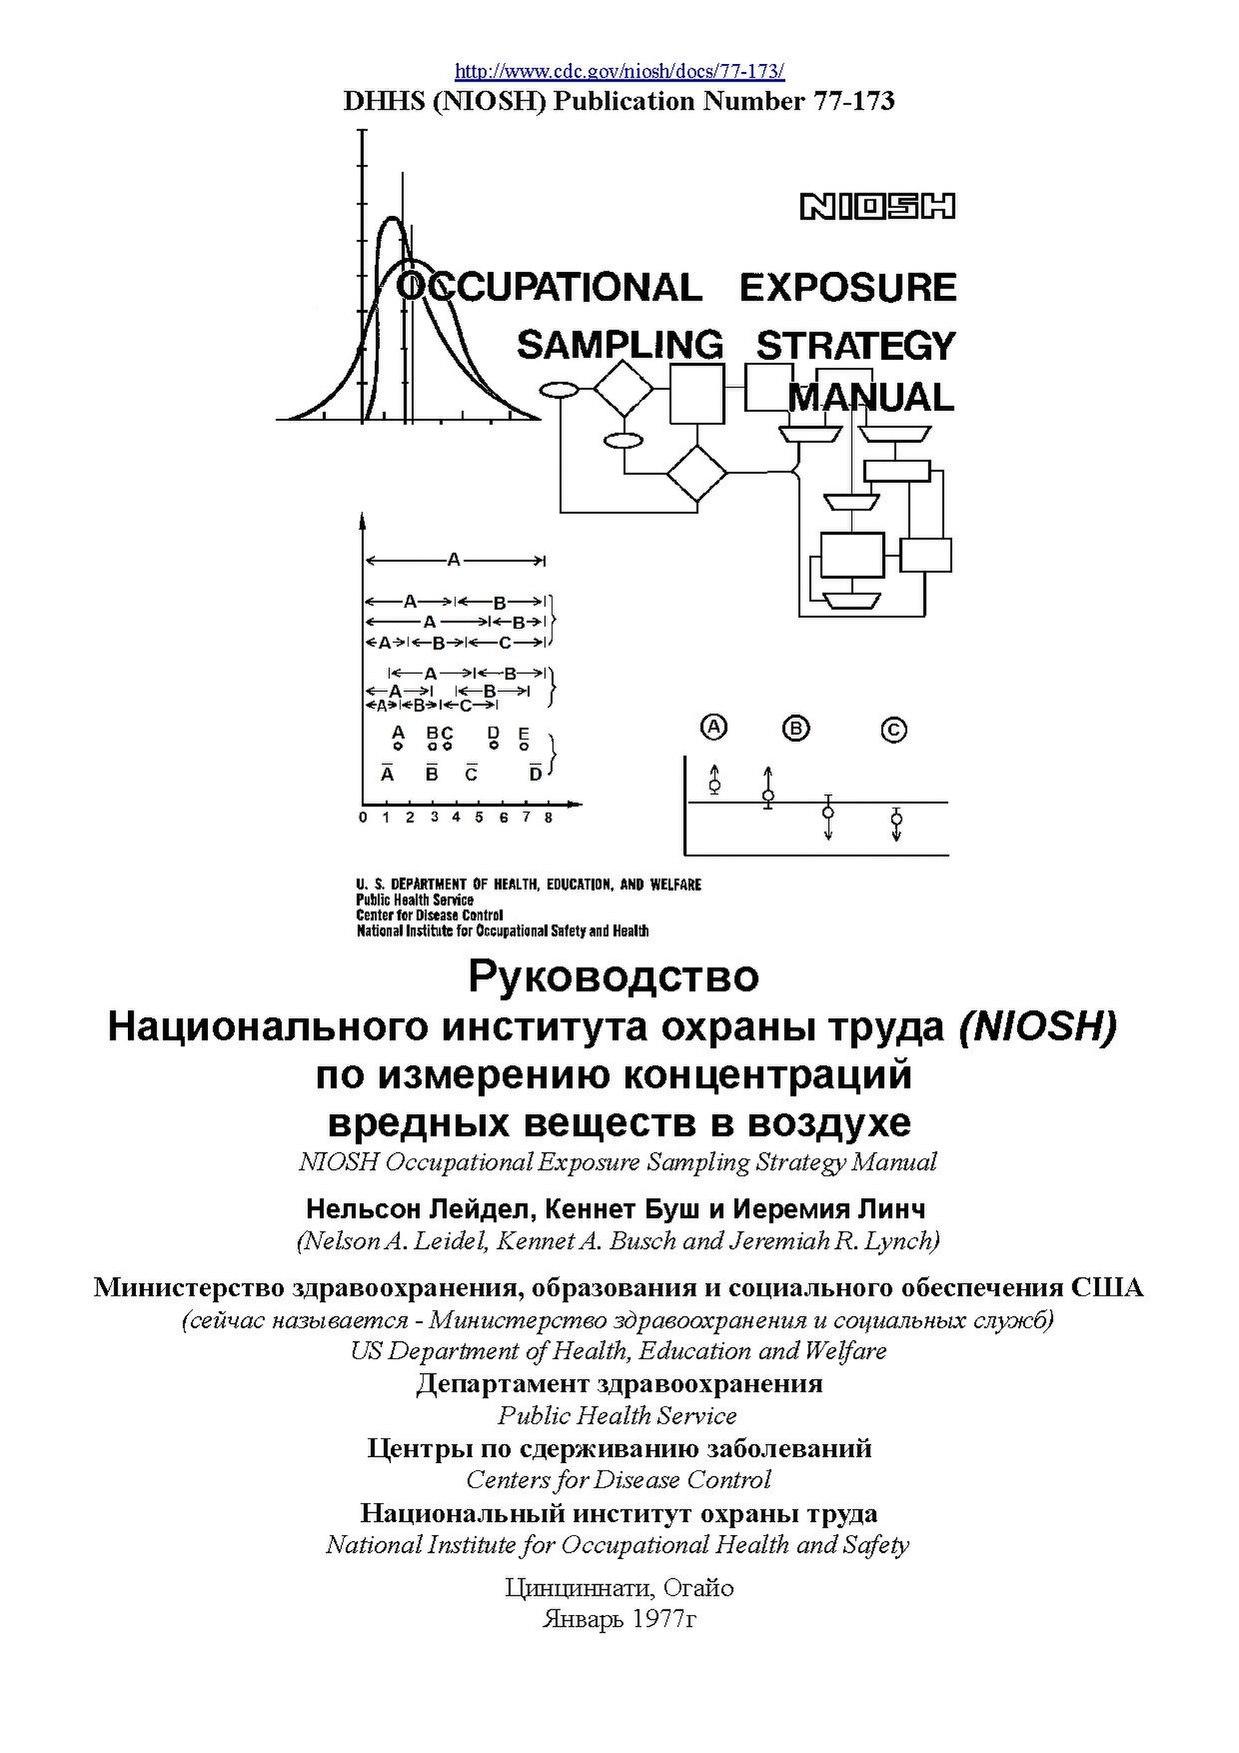 Руководство NIOSH по измерению загрязнённости воздуха 24.11.2013.pdf